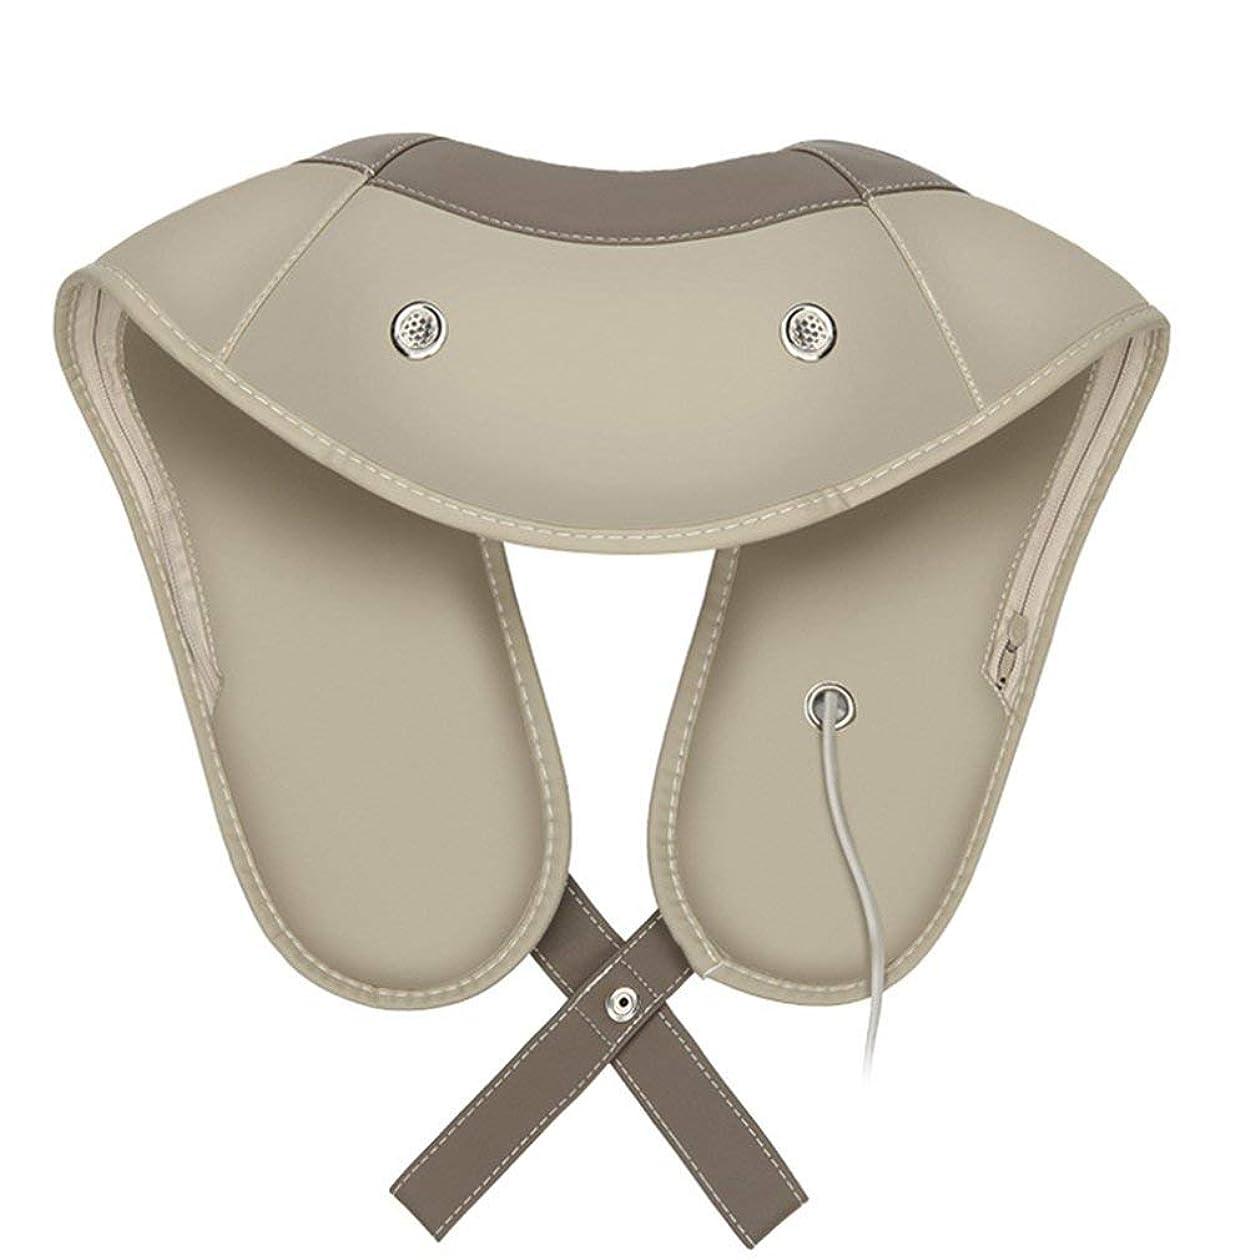 設計スカートまっすぐ多機能マッサージショール家庭用電気混練肩首頚椎理学療法機器